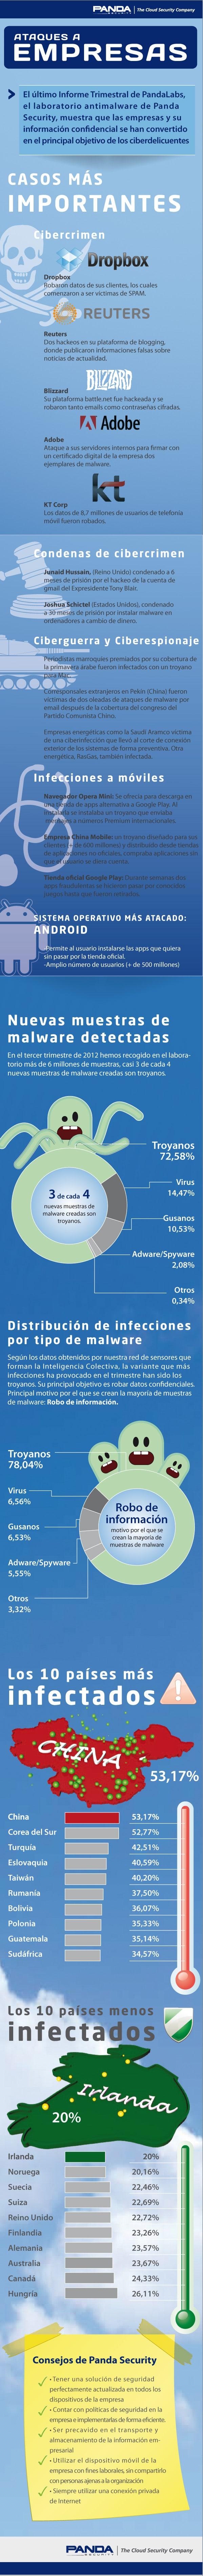 Ataques a Empresas en 2012